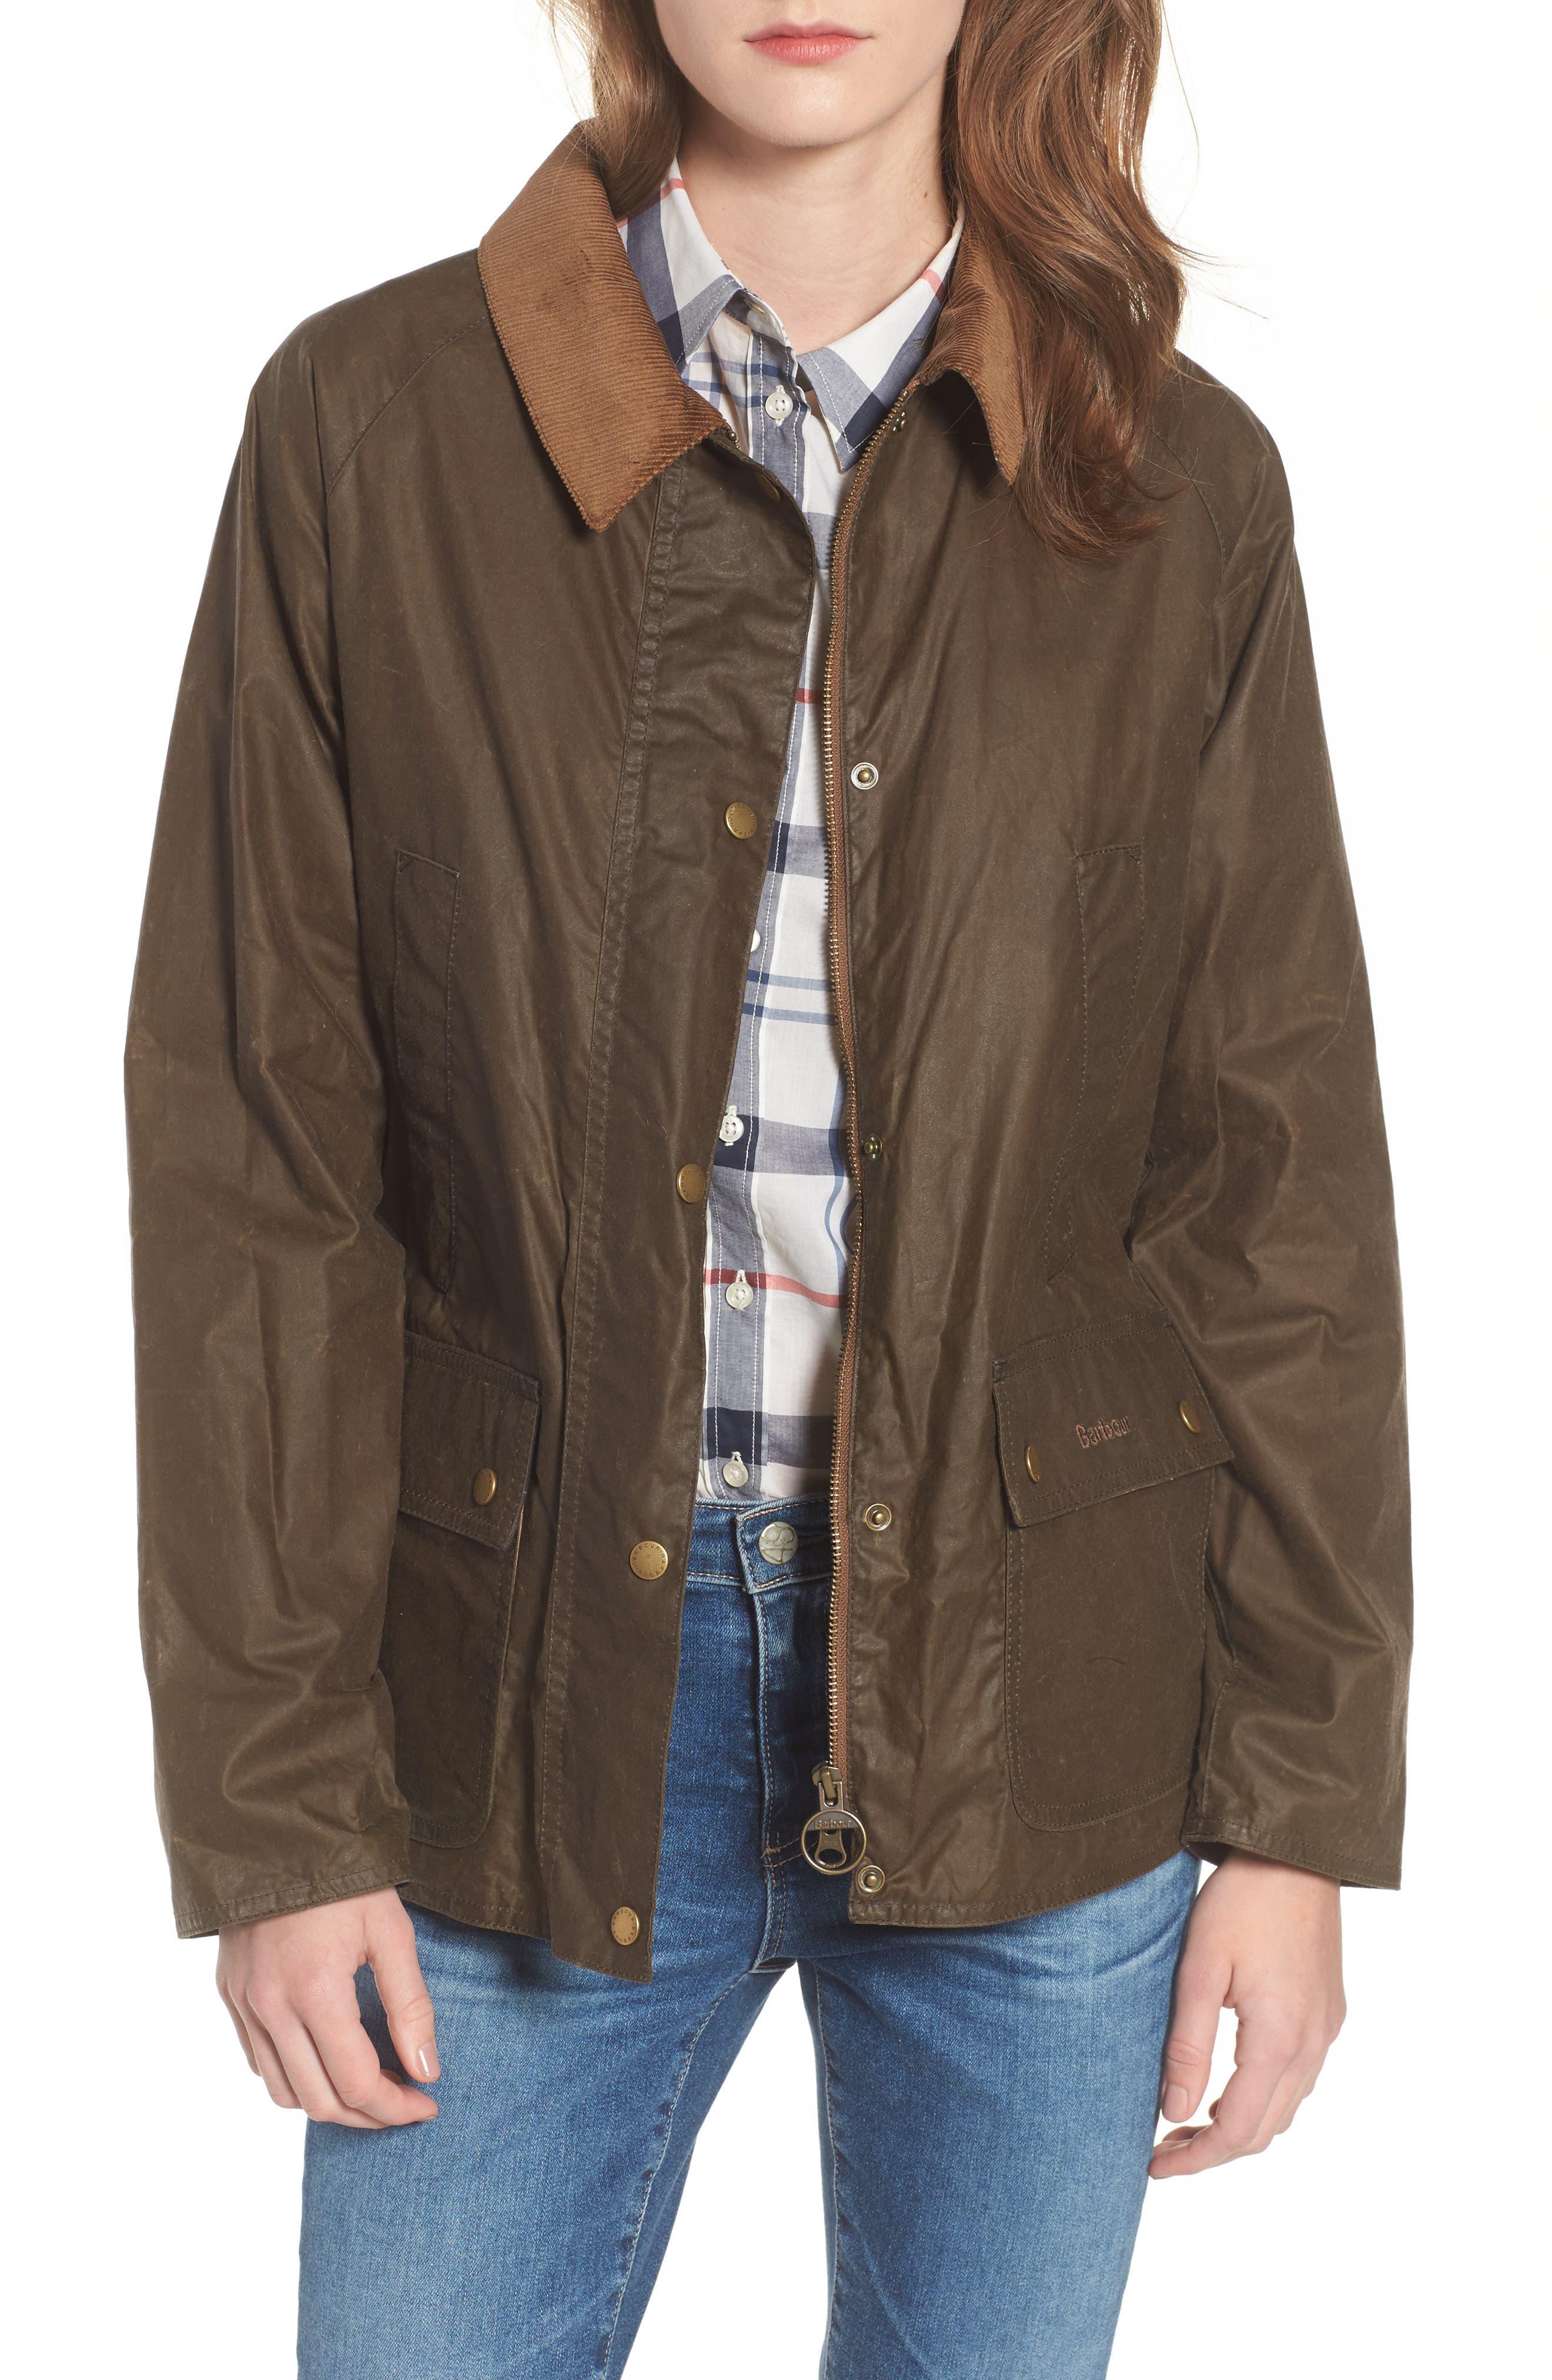 Barbour Acorn Water Resistant Jacket